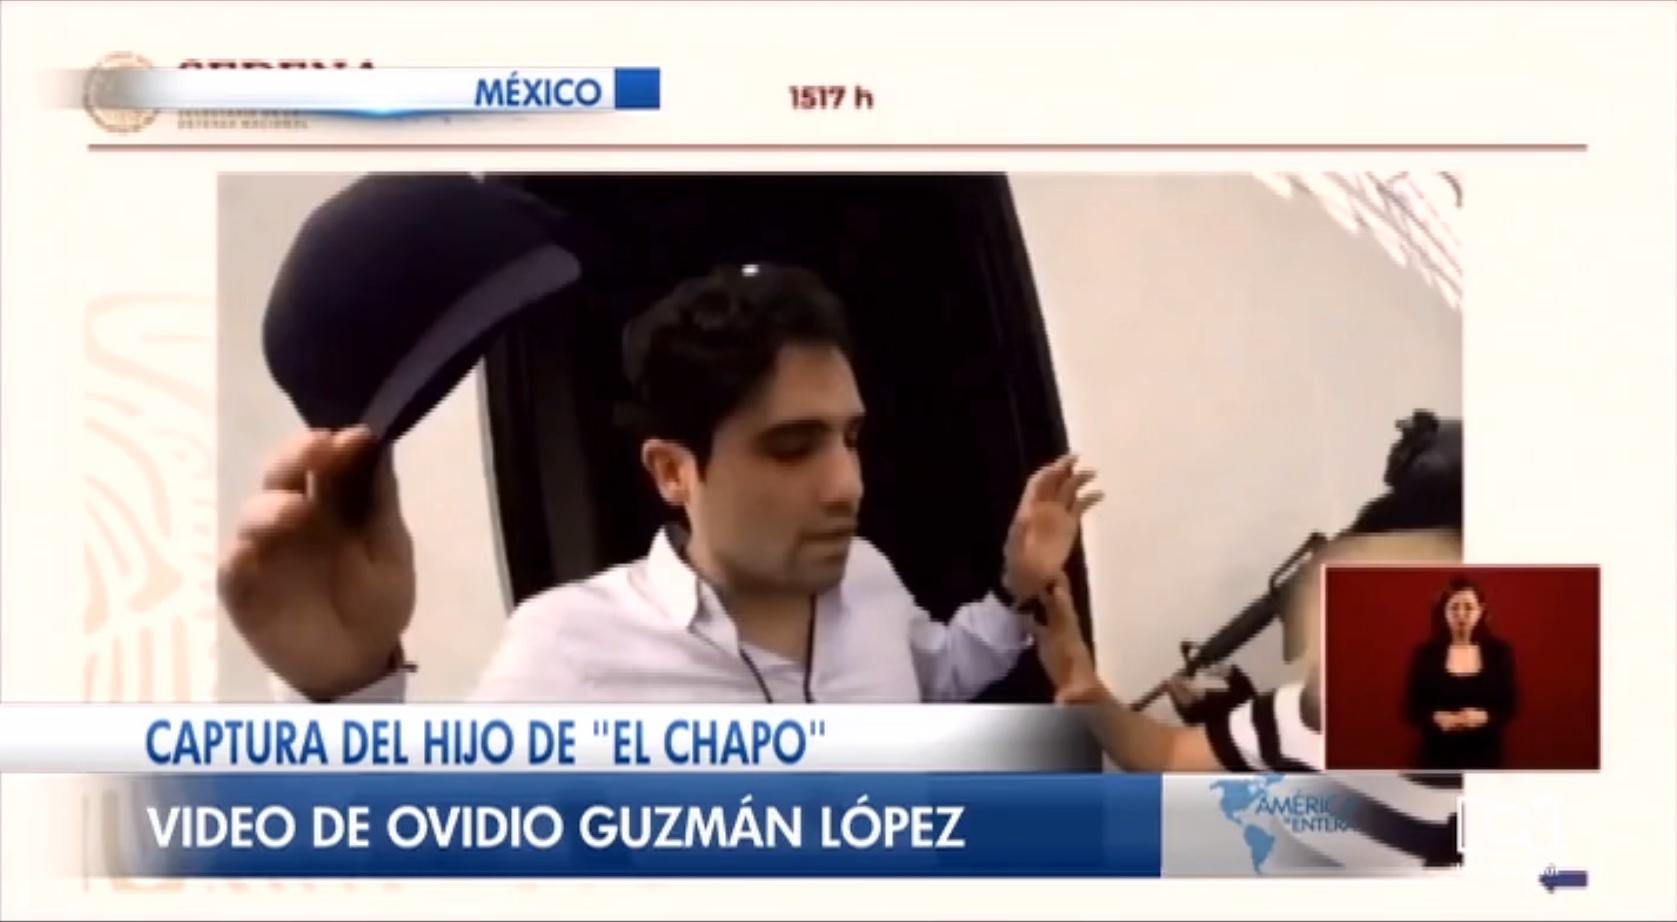 Gobierno de México presenta imágenes inéditas del operativo contra el hijo de 'El Chapo' Guzmán